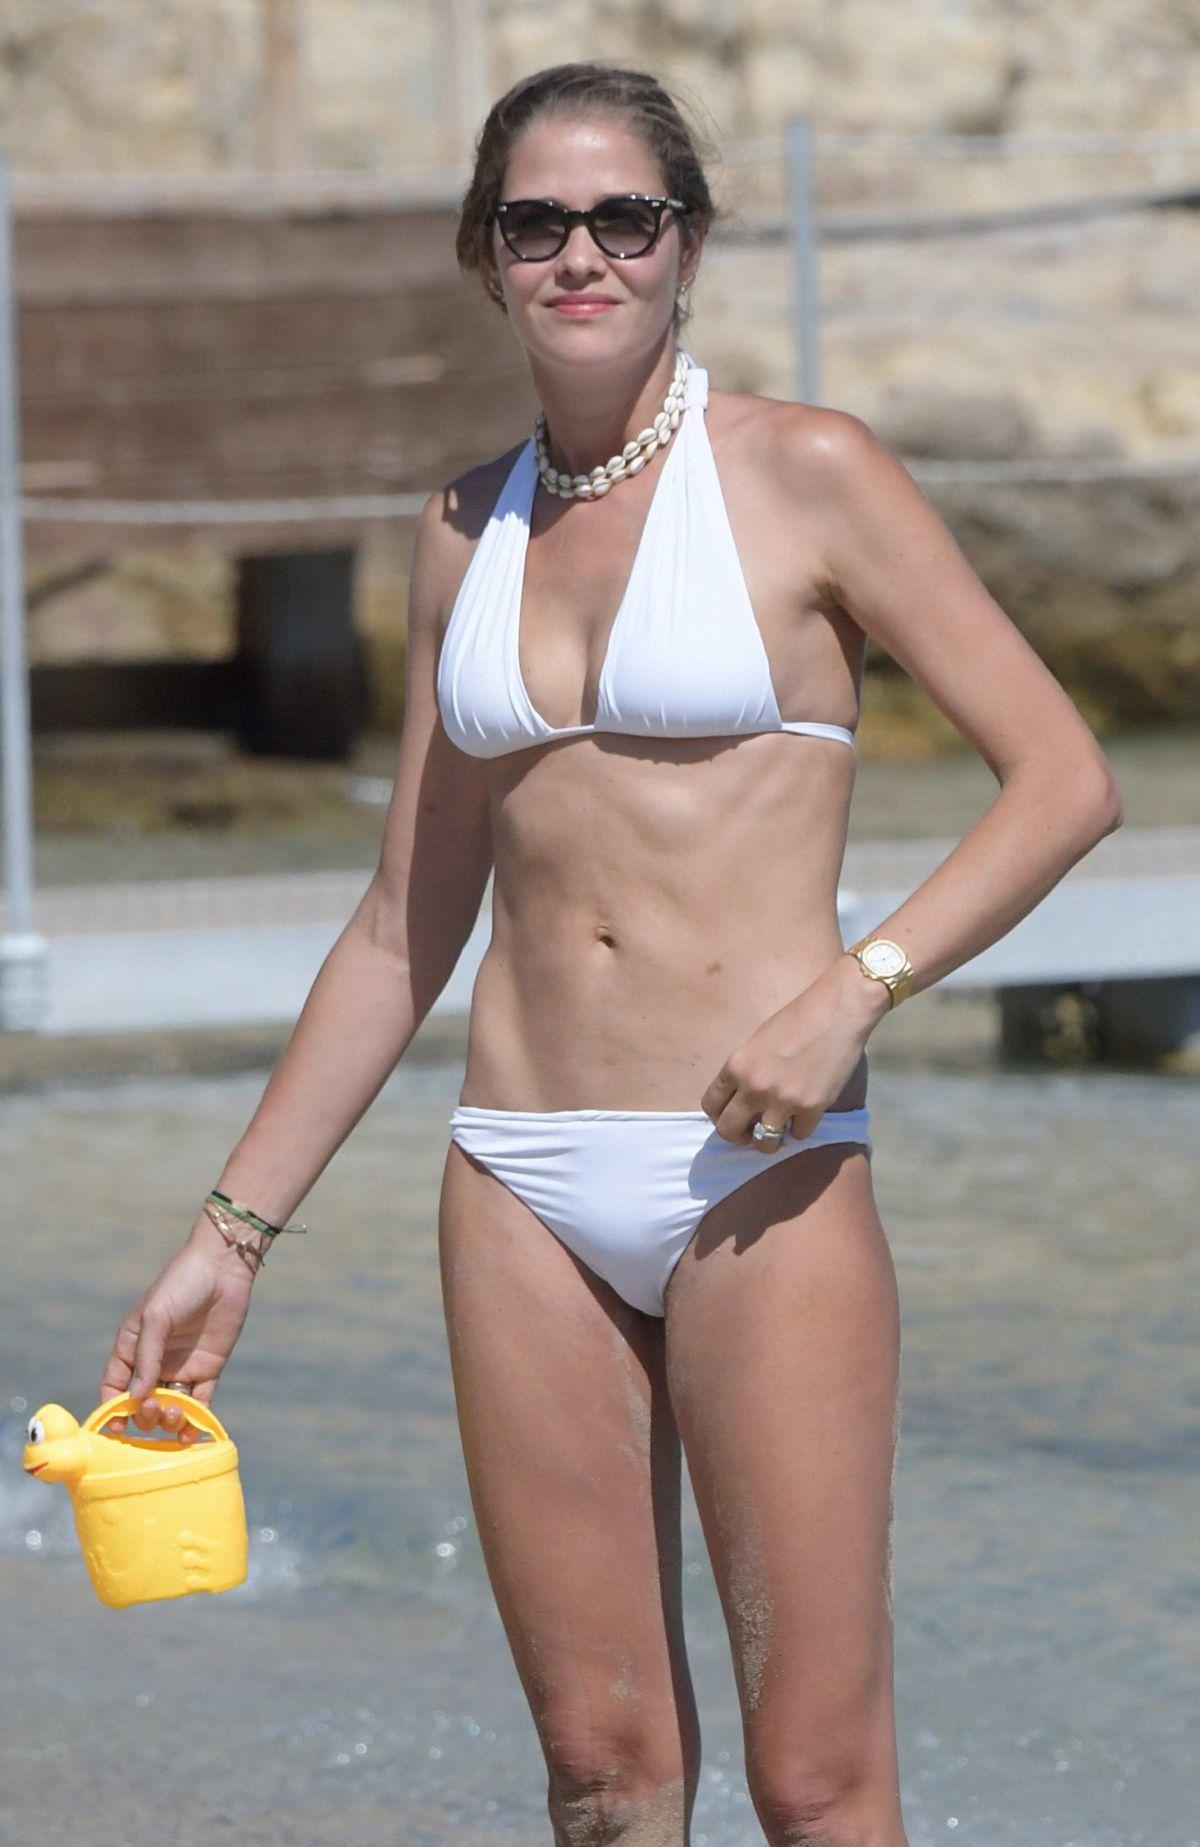 Bikini Ana Beatriz Barros nude (19 photo), Ass, Cleavage, Twitter, in bikini 2018